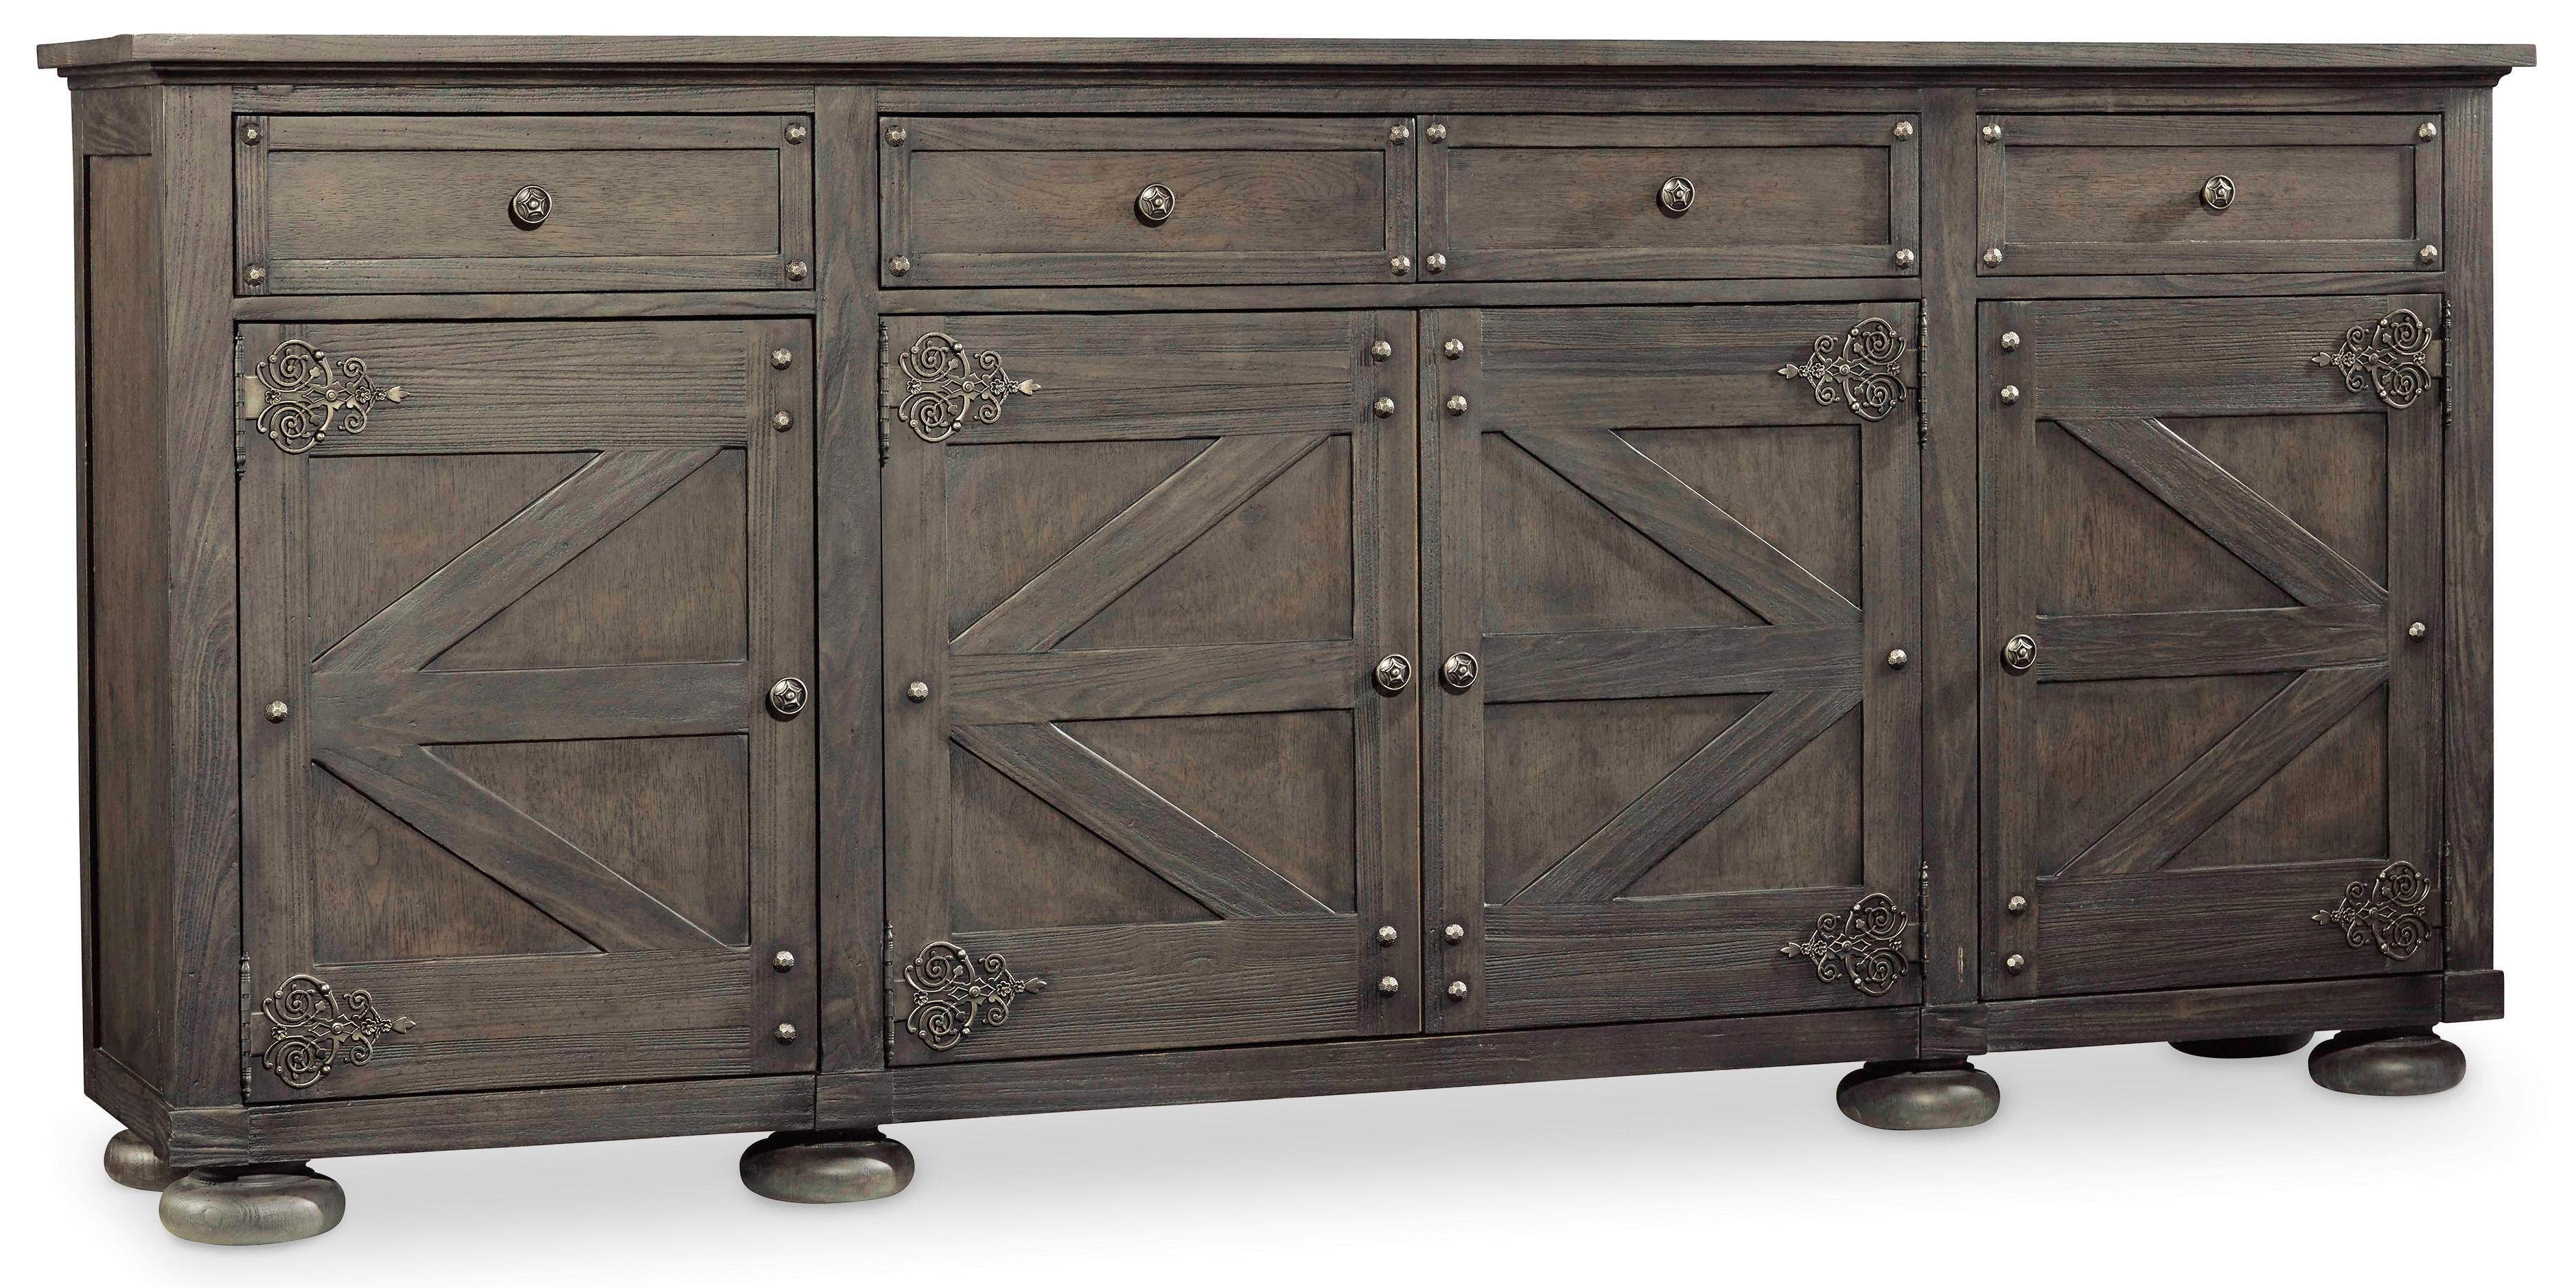 Vintage West Storage Credenza by Hooker Furniture at Baer's Furniture